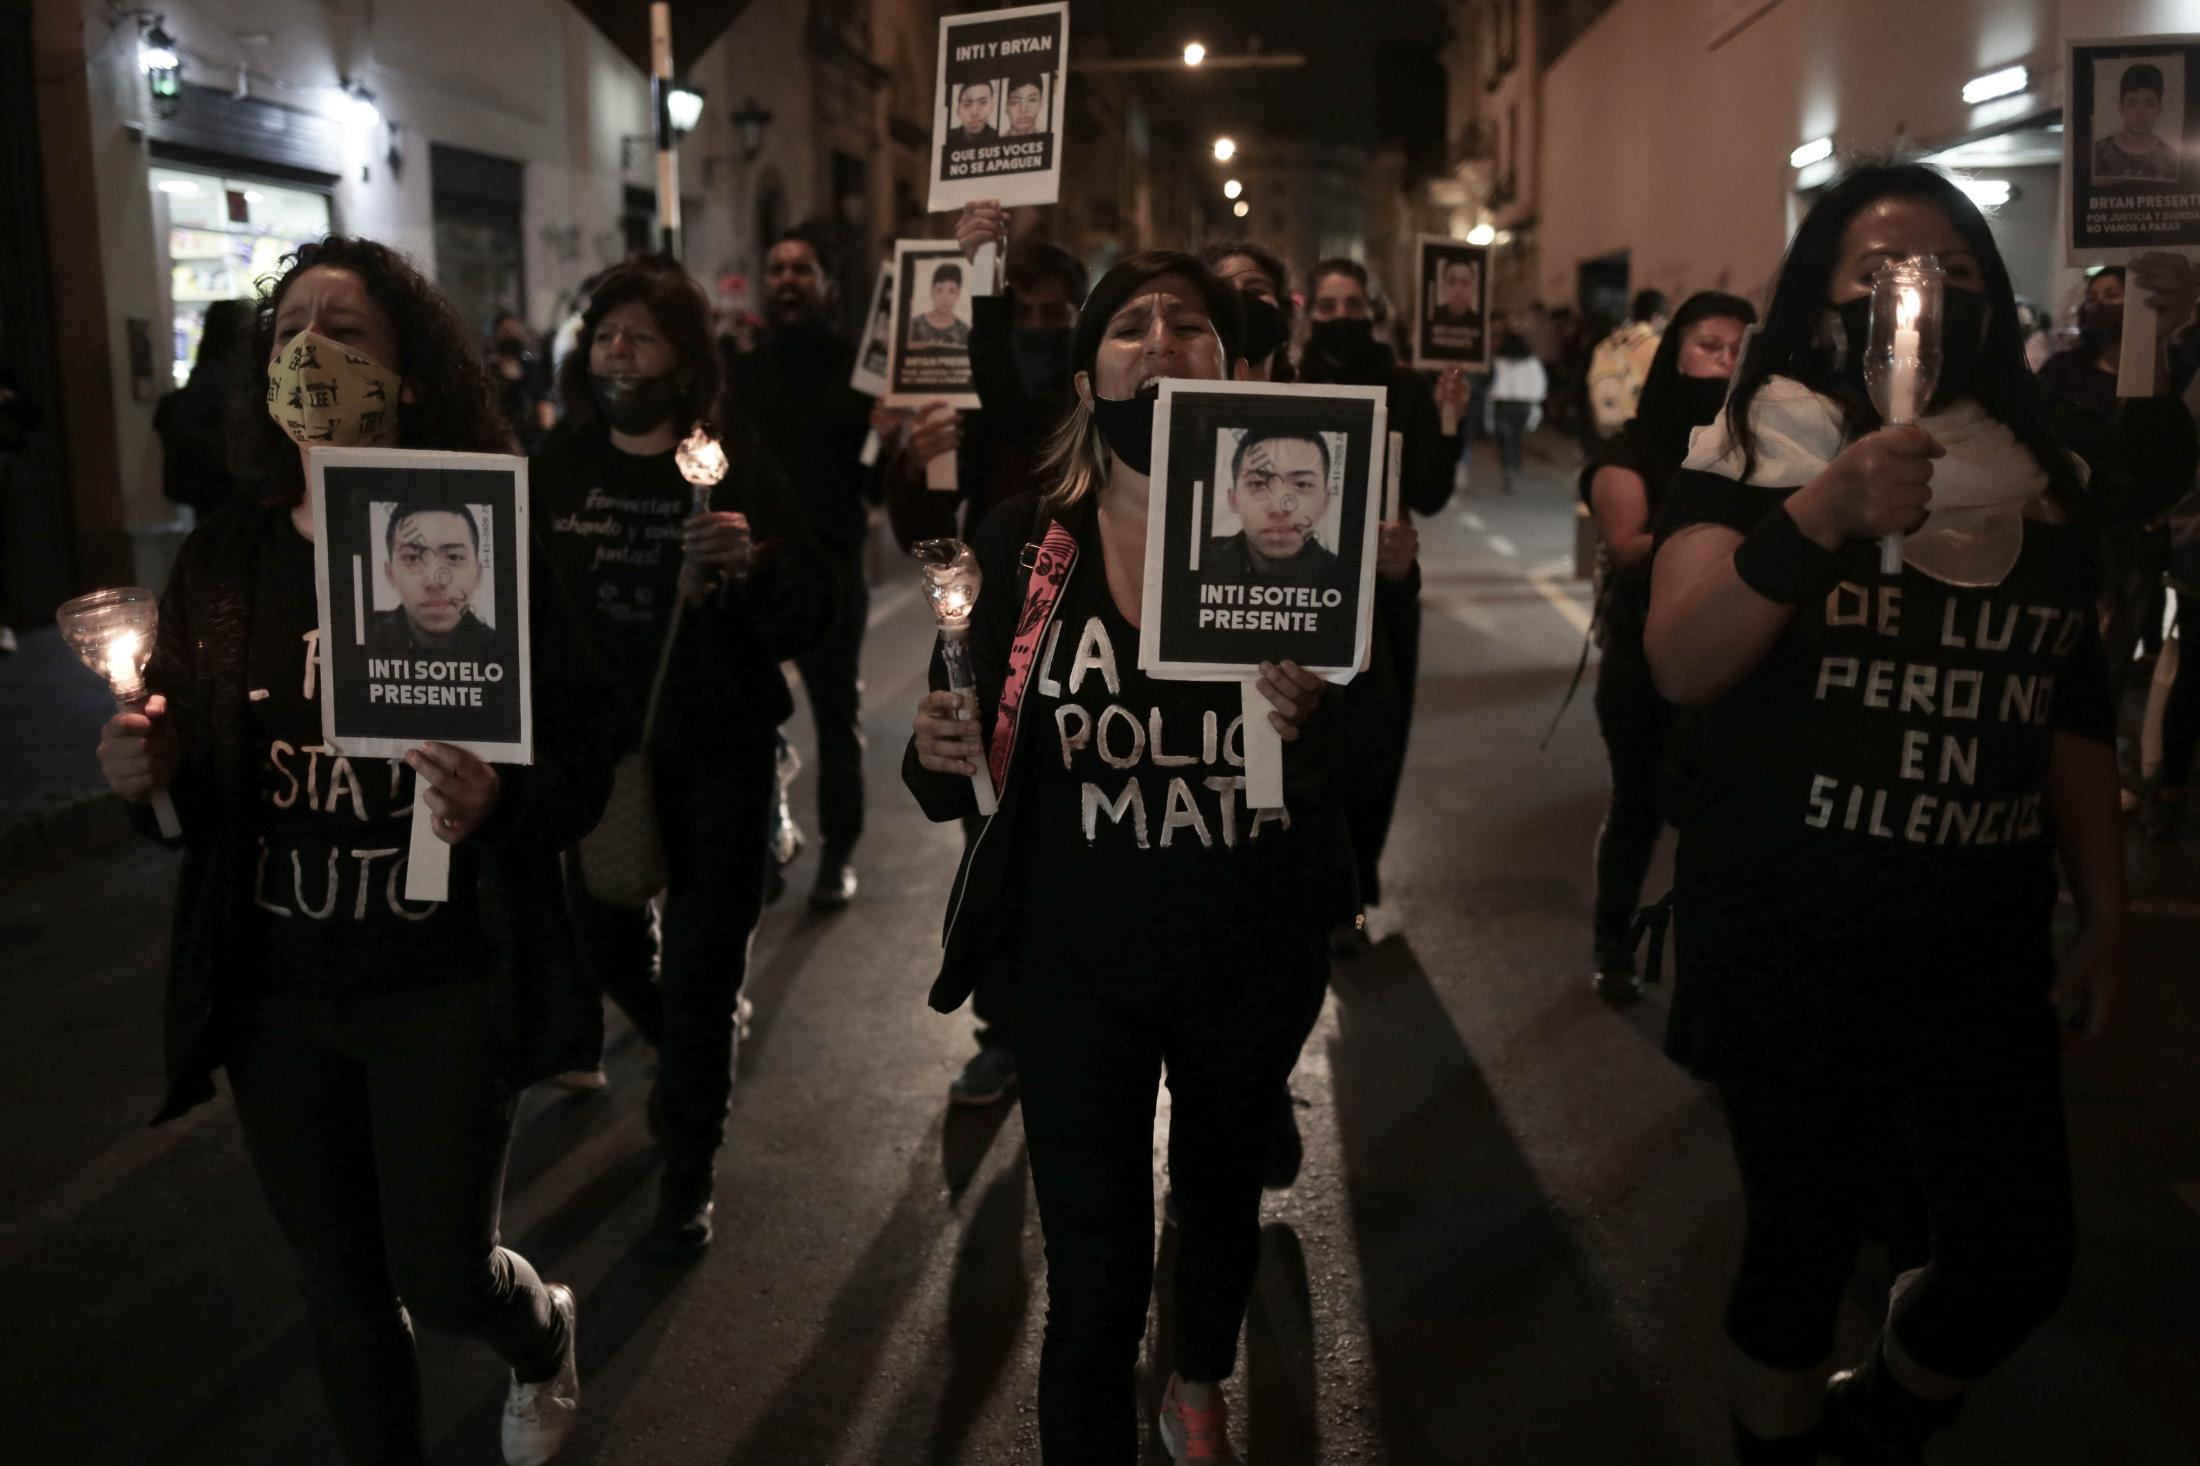 El sábado 14 de noviembre, Jordan Inti Sotelo Camargo (24) y Jack Bryan Pintado Sánchez (22) fallecieron a causa de la represión policial de la marcha nacional. Los certificados de necropsia describe brutales impactos de proyectiles por armas de fuego sobre sus cuerpos.